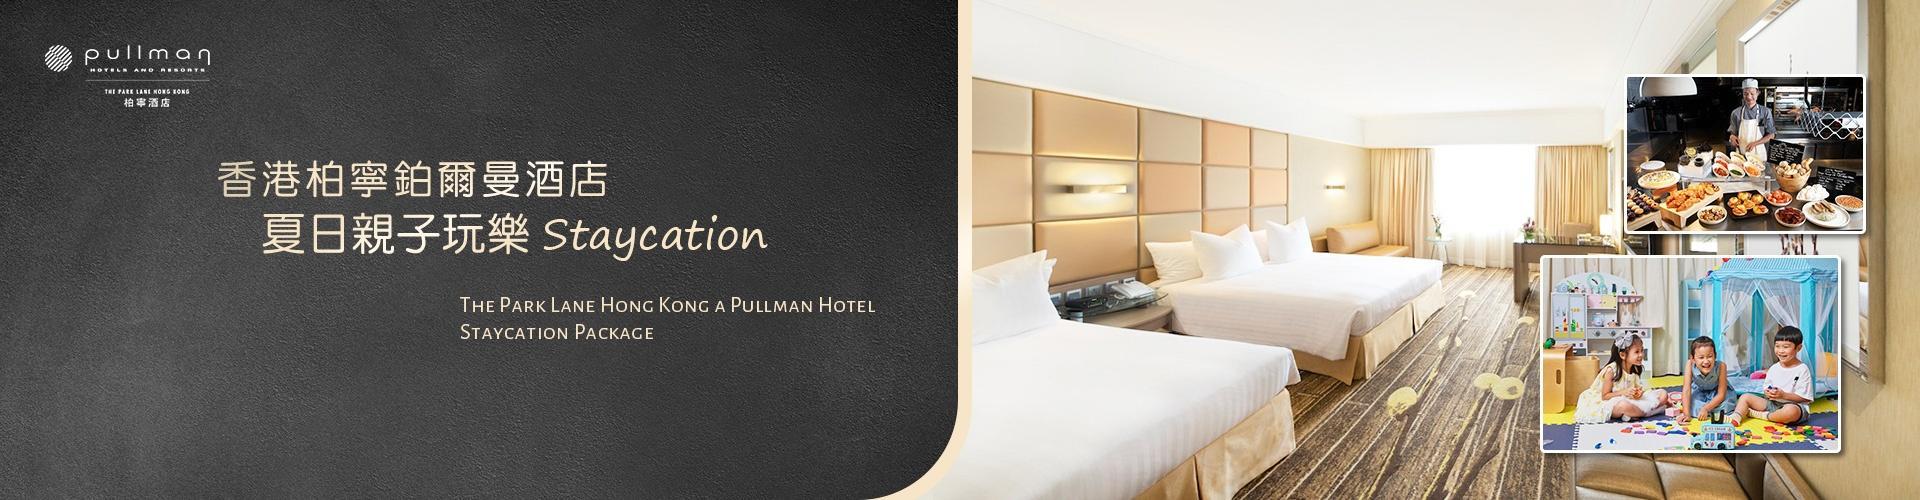 香港柏寧鉑爾曼酒店 The Park Lane Hong Kong a Pullman Hotel